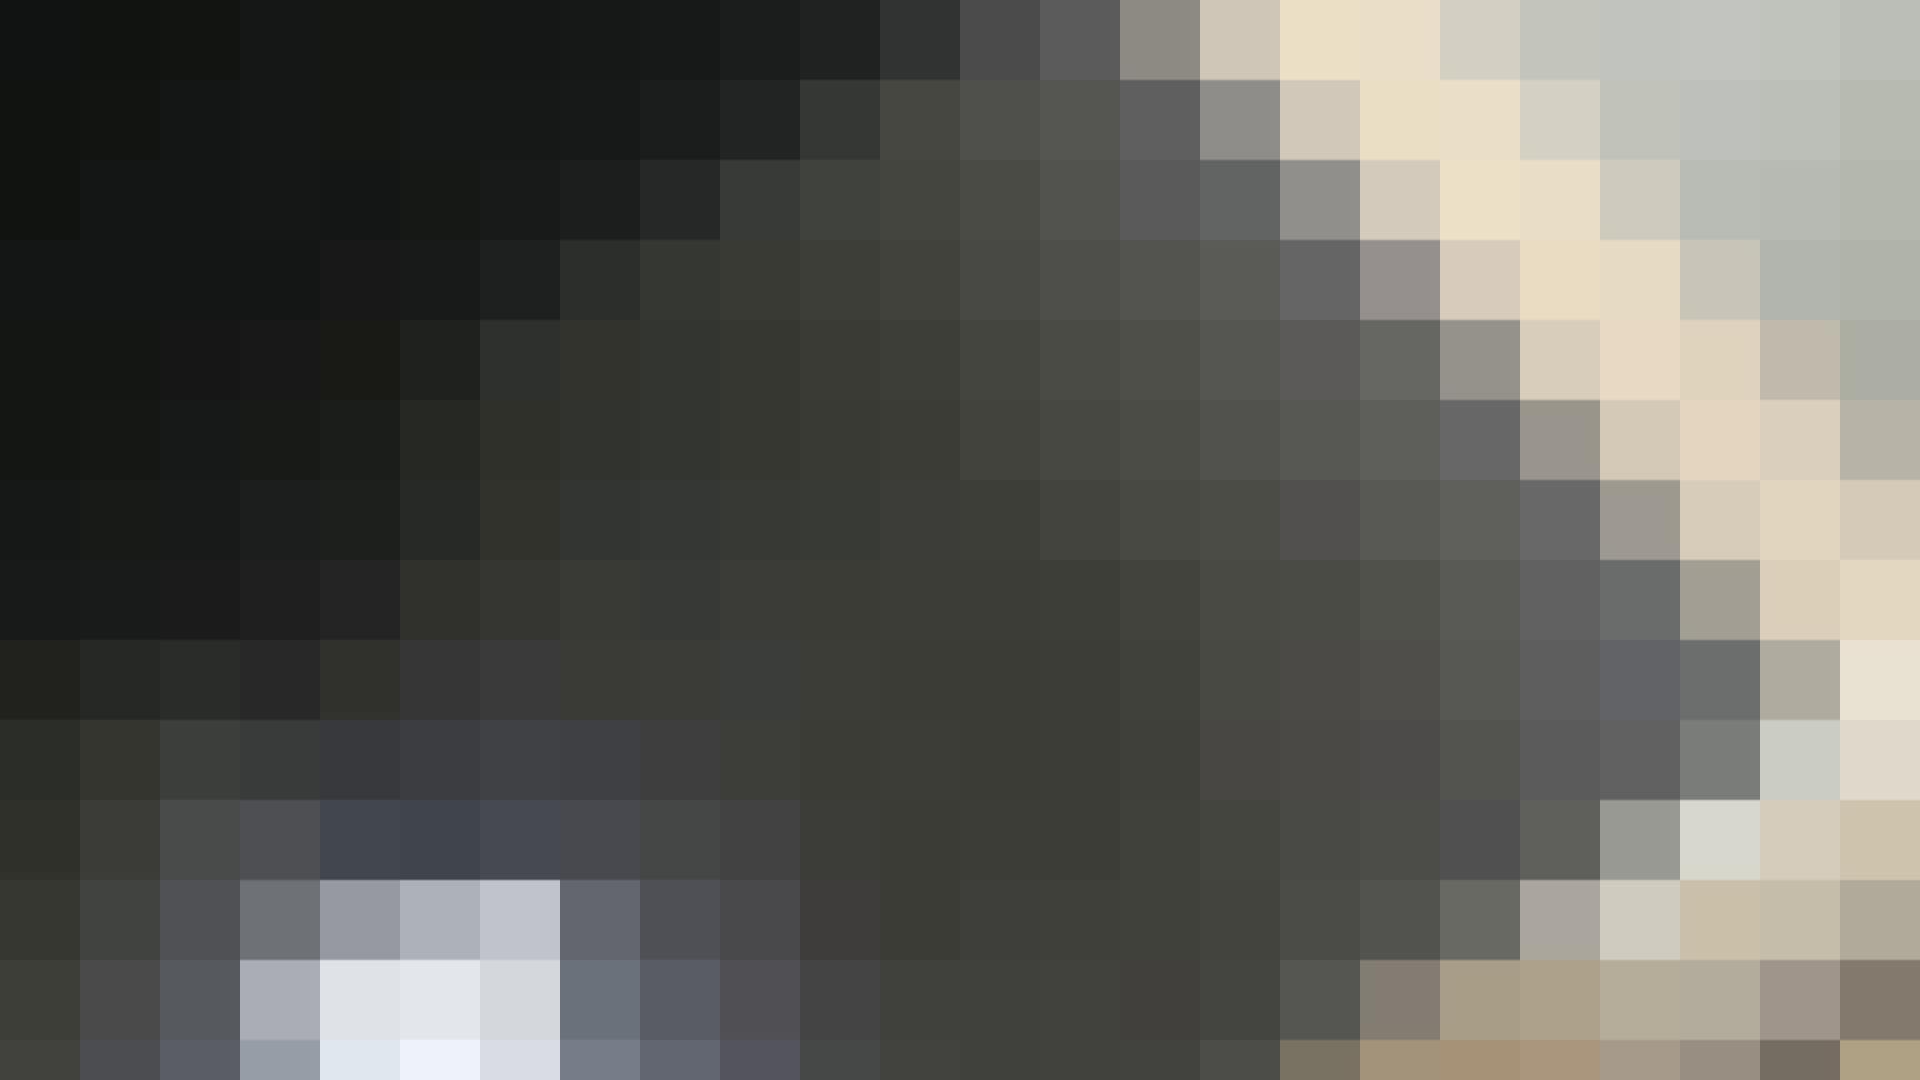 阿国ちゃんの「和式洋式七変化」No.16 和式で踏ん張り中  96連発 16